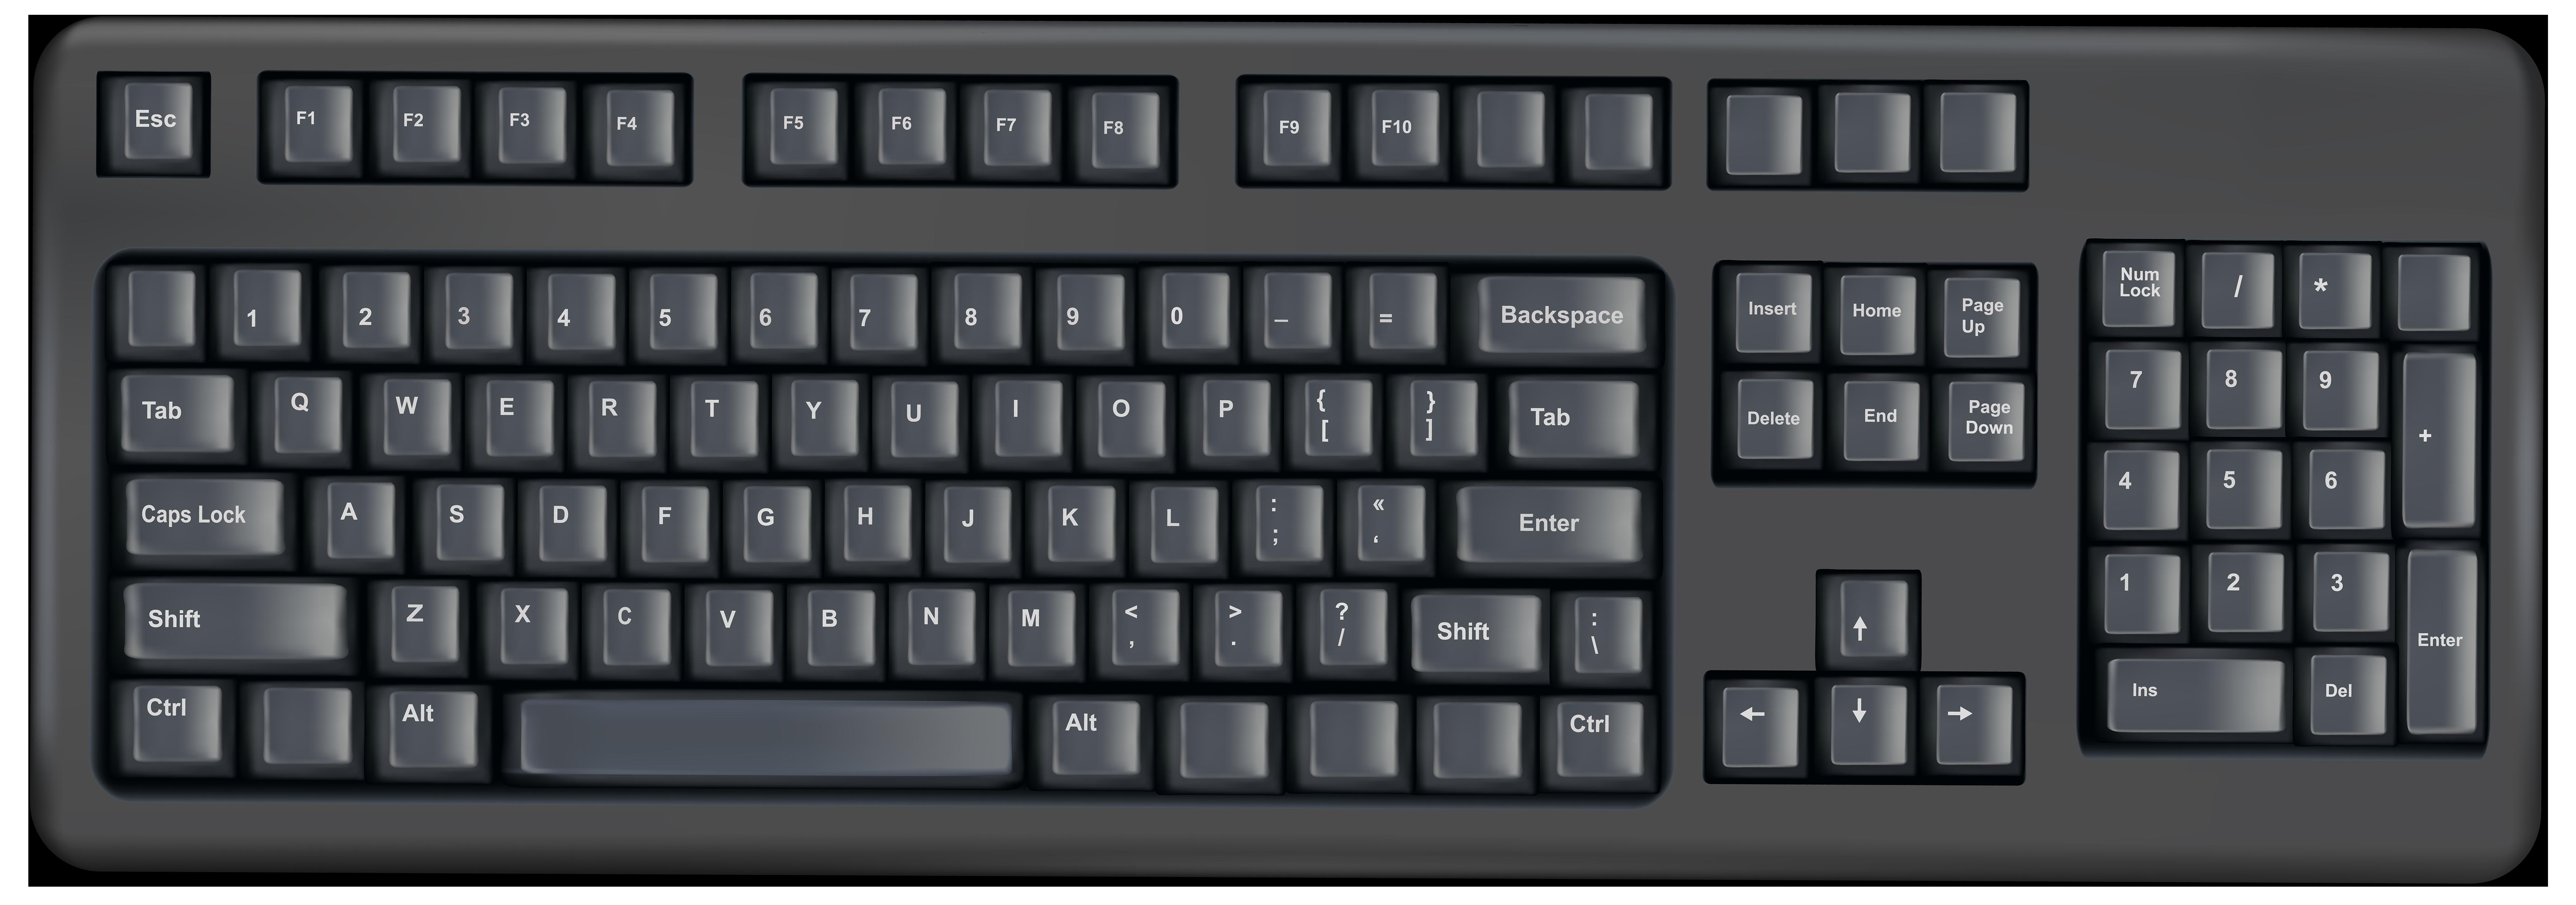 Keyboard Transparent PNG Clip Art Image.